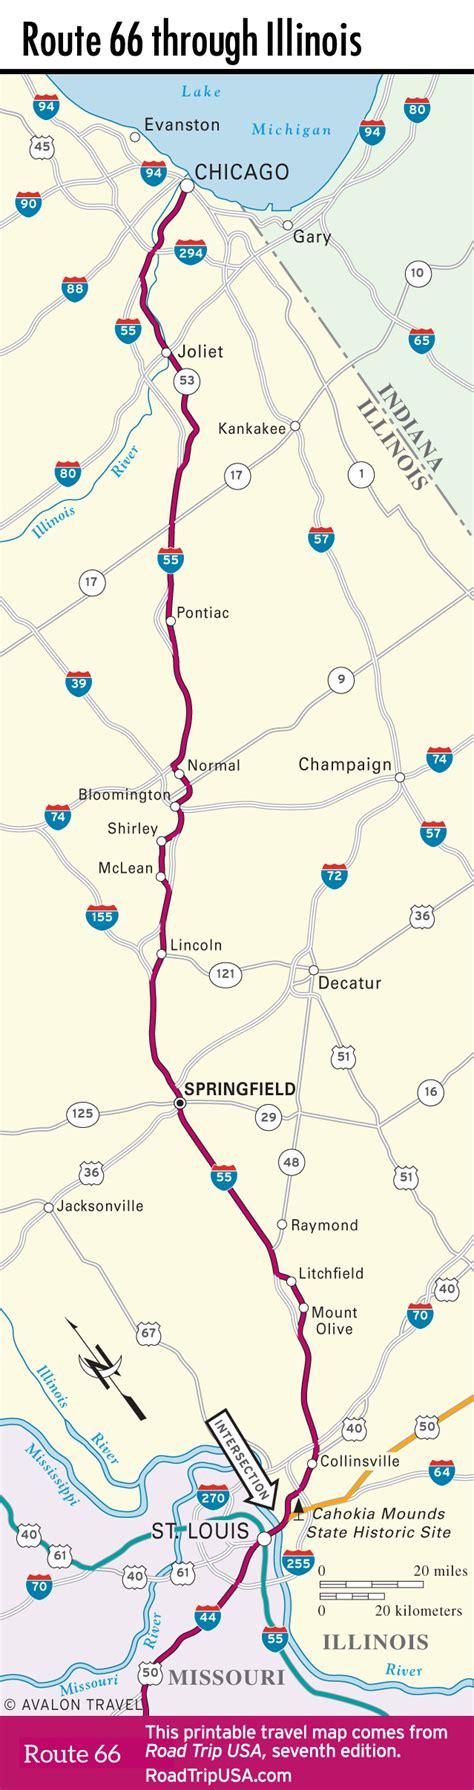 route 66 road map usa route 66 through illinois road trip usa